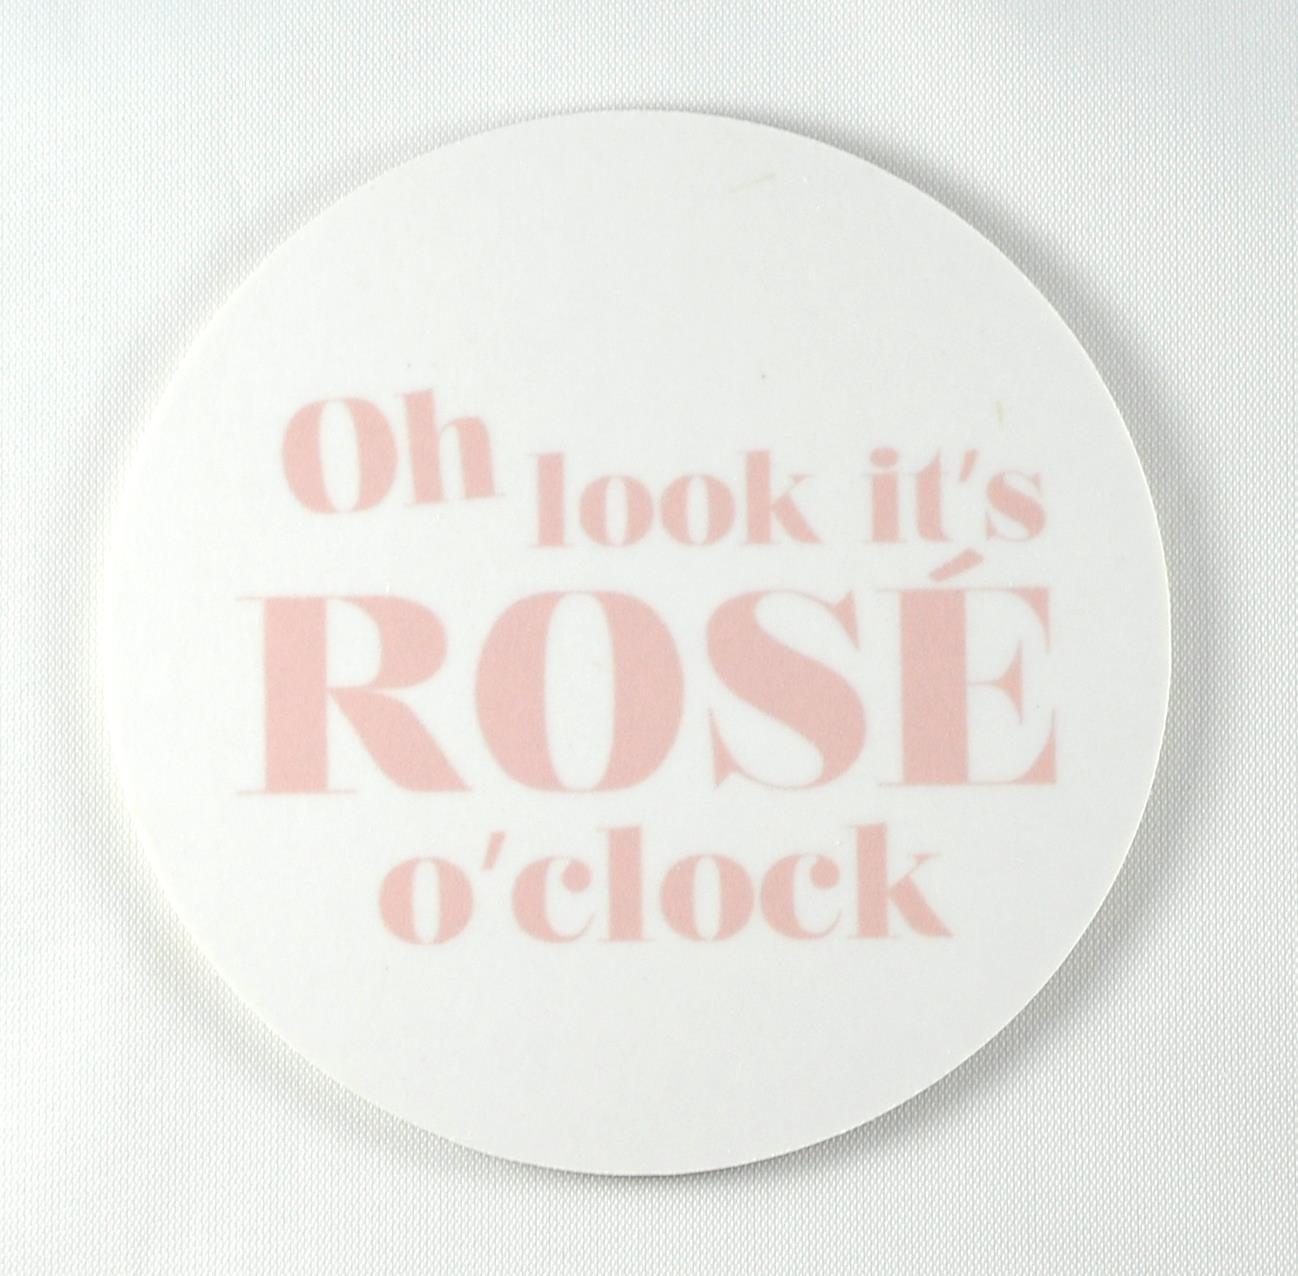 Glasunderlägg 4-p, Rose o clock, vit/rosa text